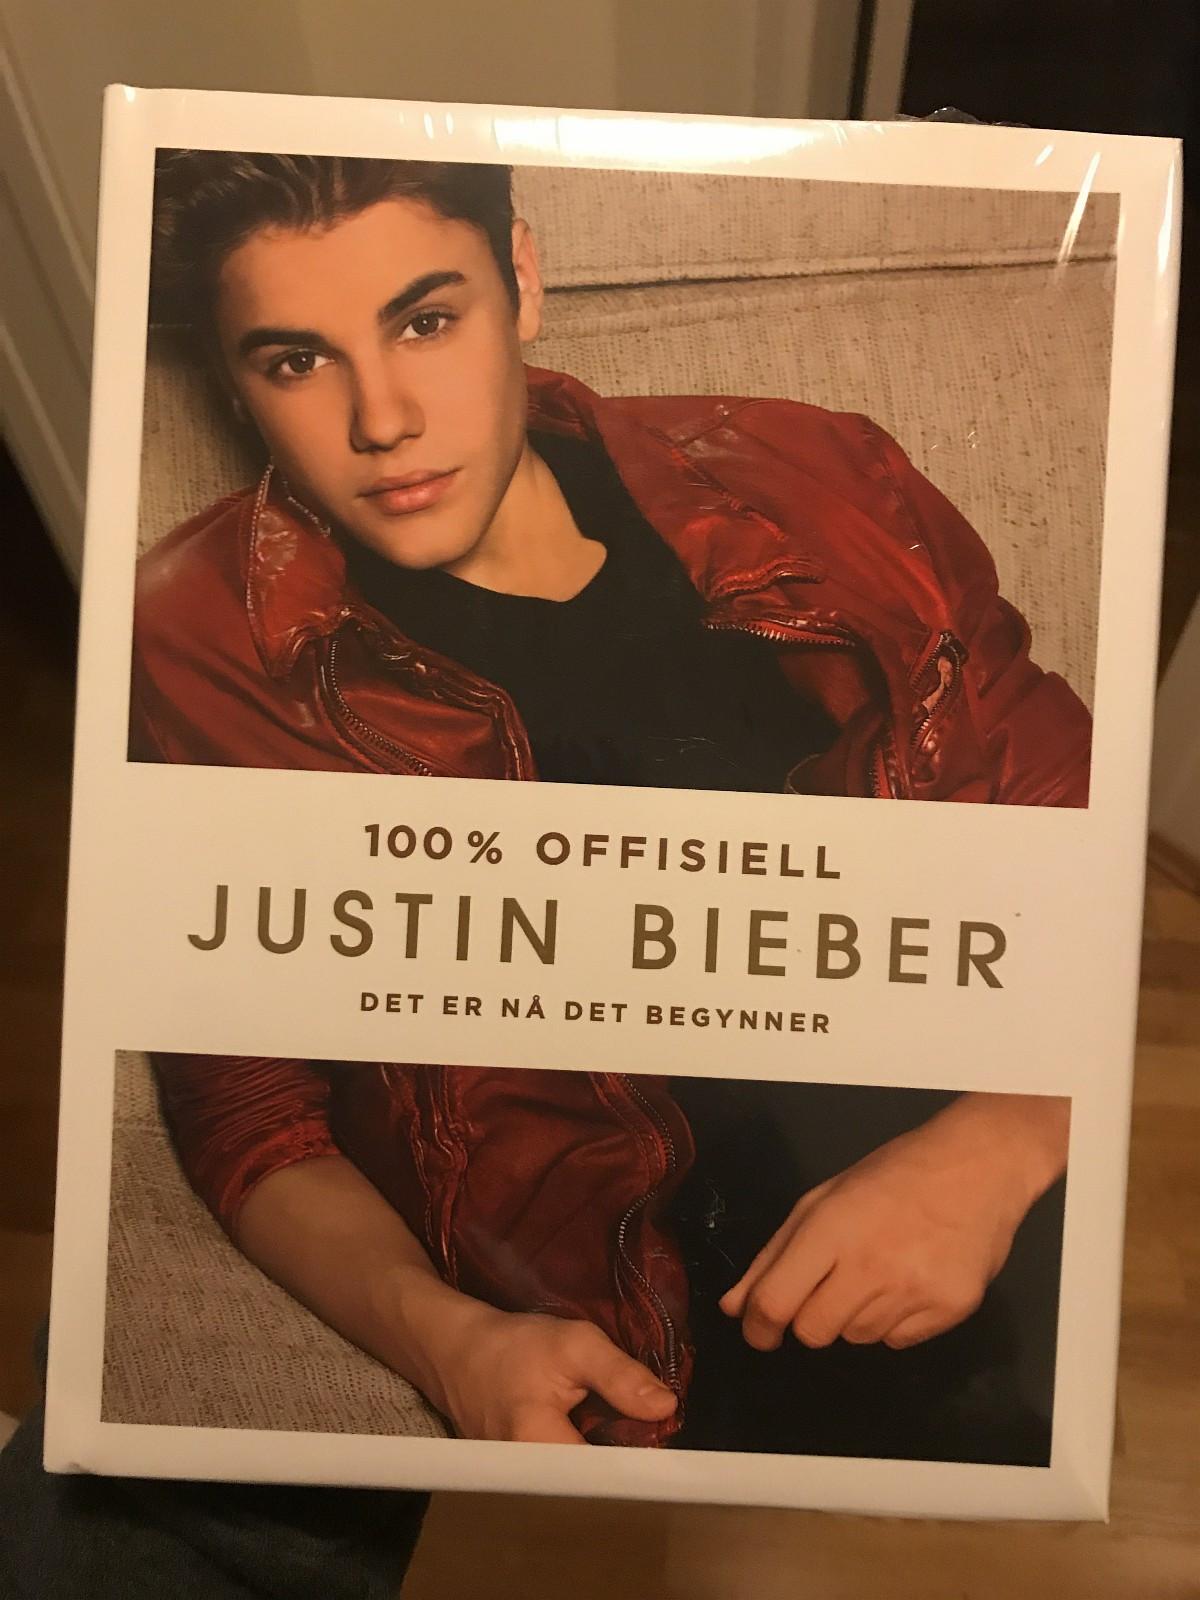 Justin Bieber «100% offisiell» bok - Drammen  - «100% offisiell Justin Bieber - det er nå det begynner». Utgitt 2013-1013 av Spektrum Forlag. Splitter ny innbundet bok med forsegling - Drammen